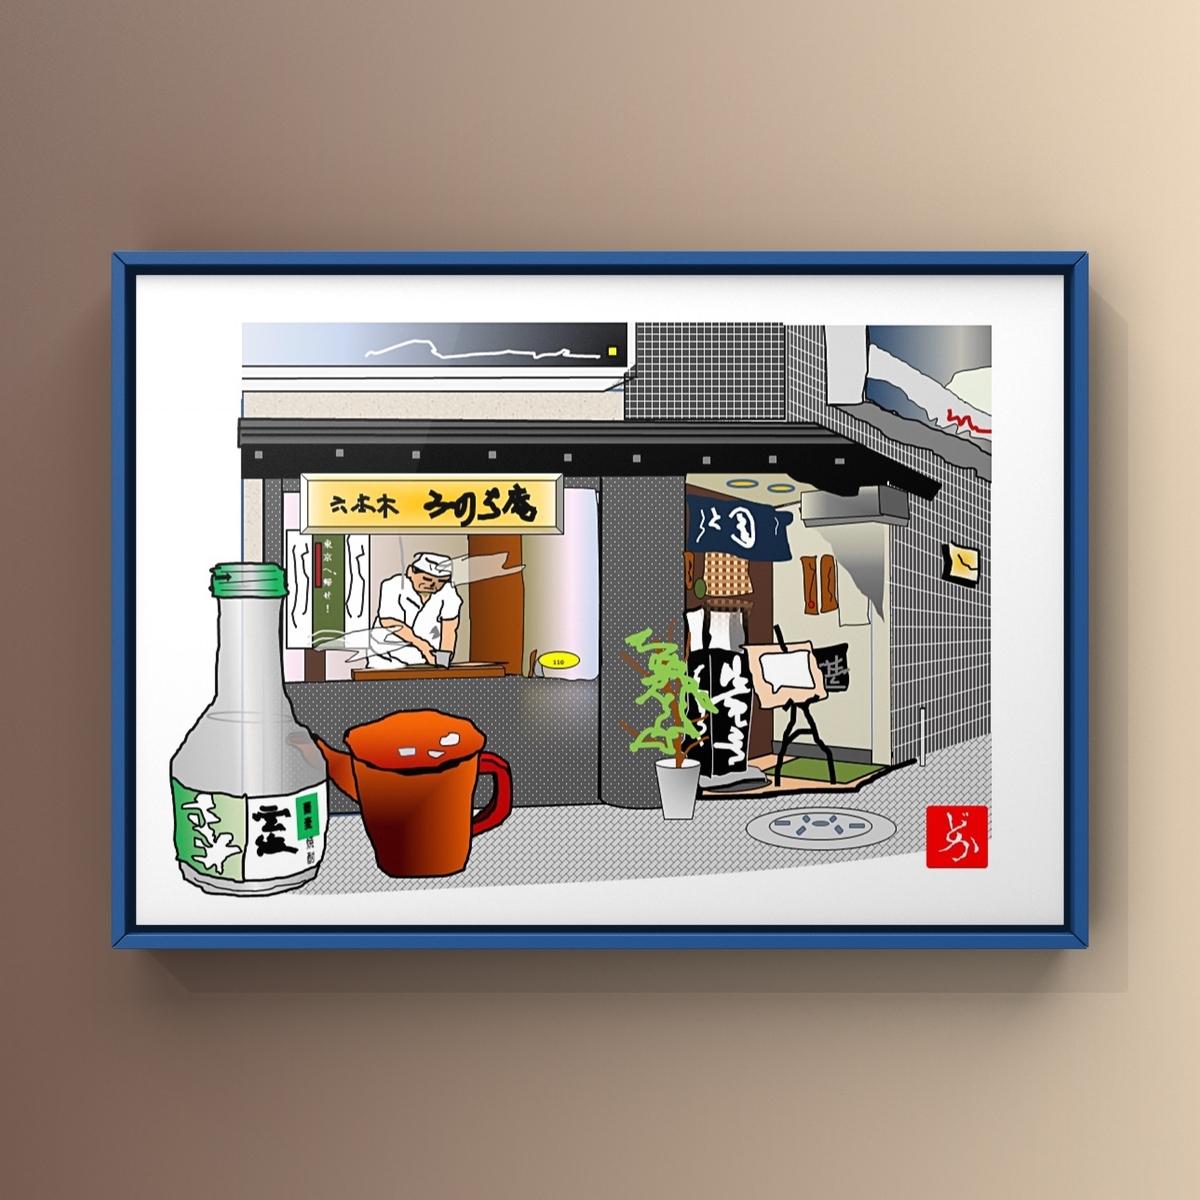 六本木の交差点にある蕎麦屋、みのち庵のエクセル画額装版